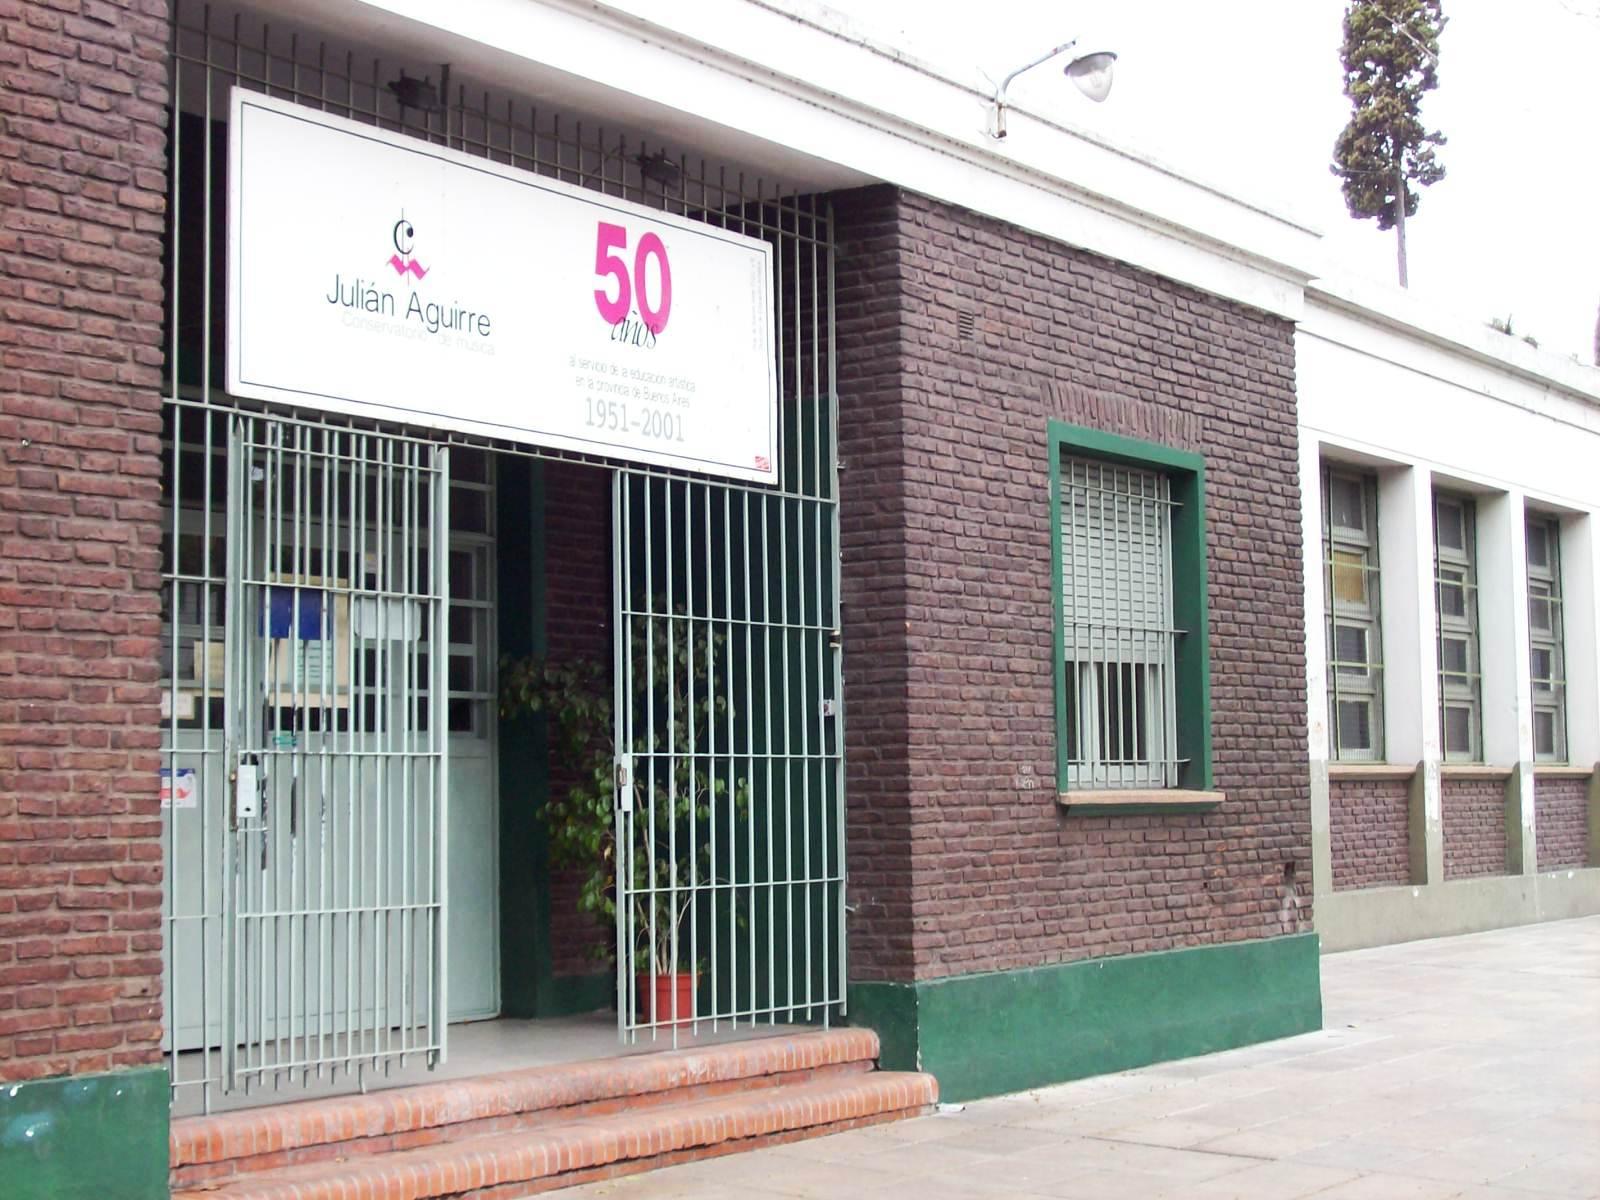 El Conservatorio Julián Aguirre, situado en la localidad de Banfield, fue fundado por Alberto Ginastera en 1951.